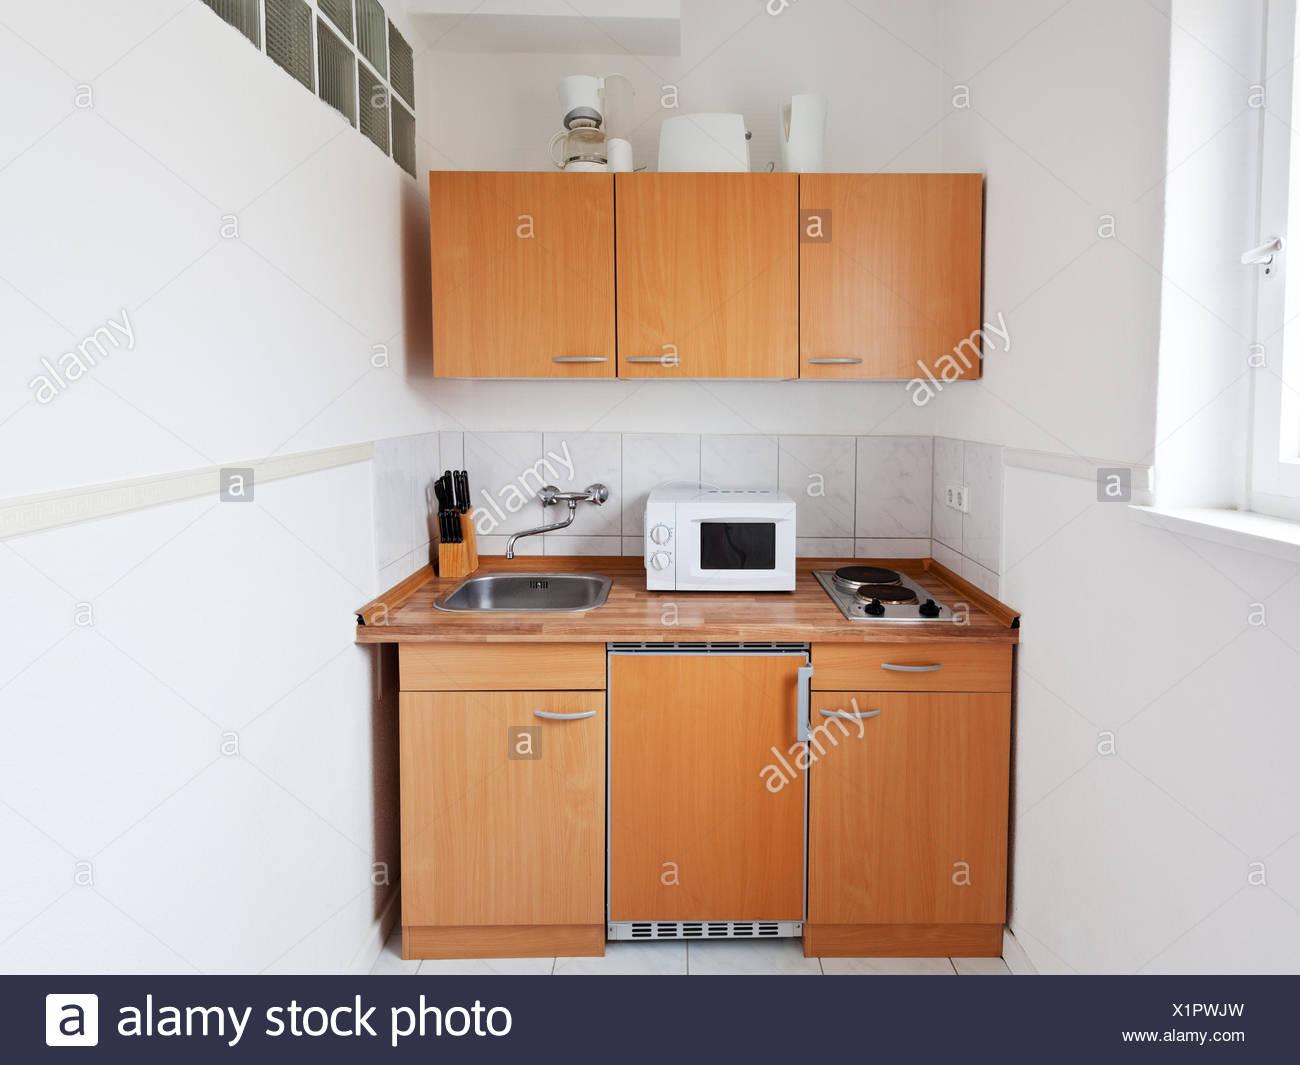 Mobili Per Cucina Piccola piccola cucina con mobili e attrezzature per cucina foto